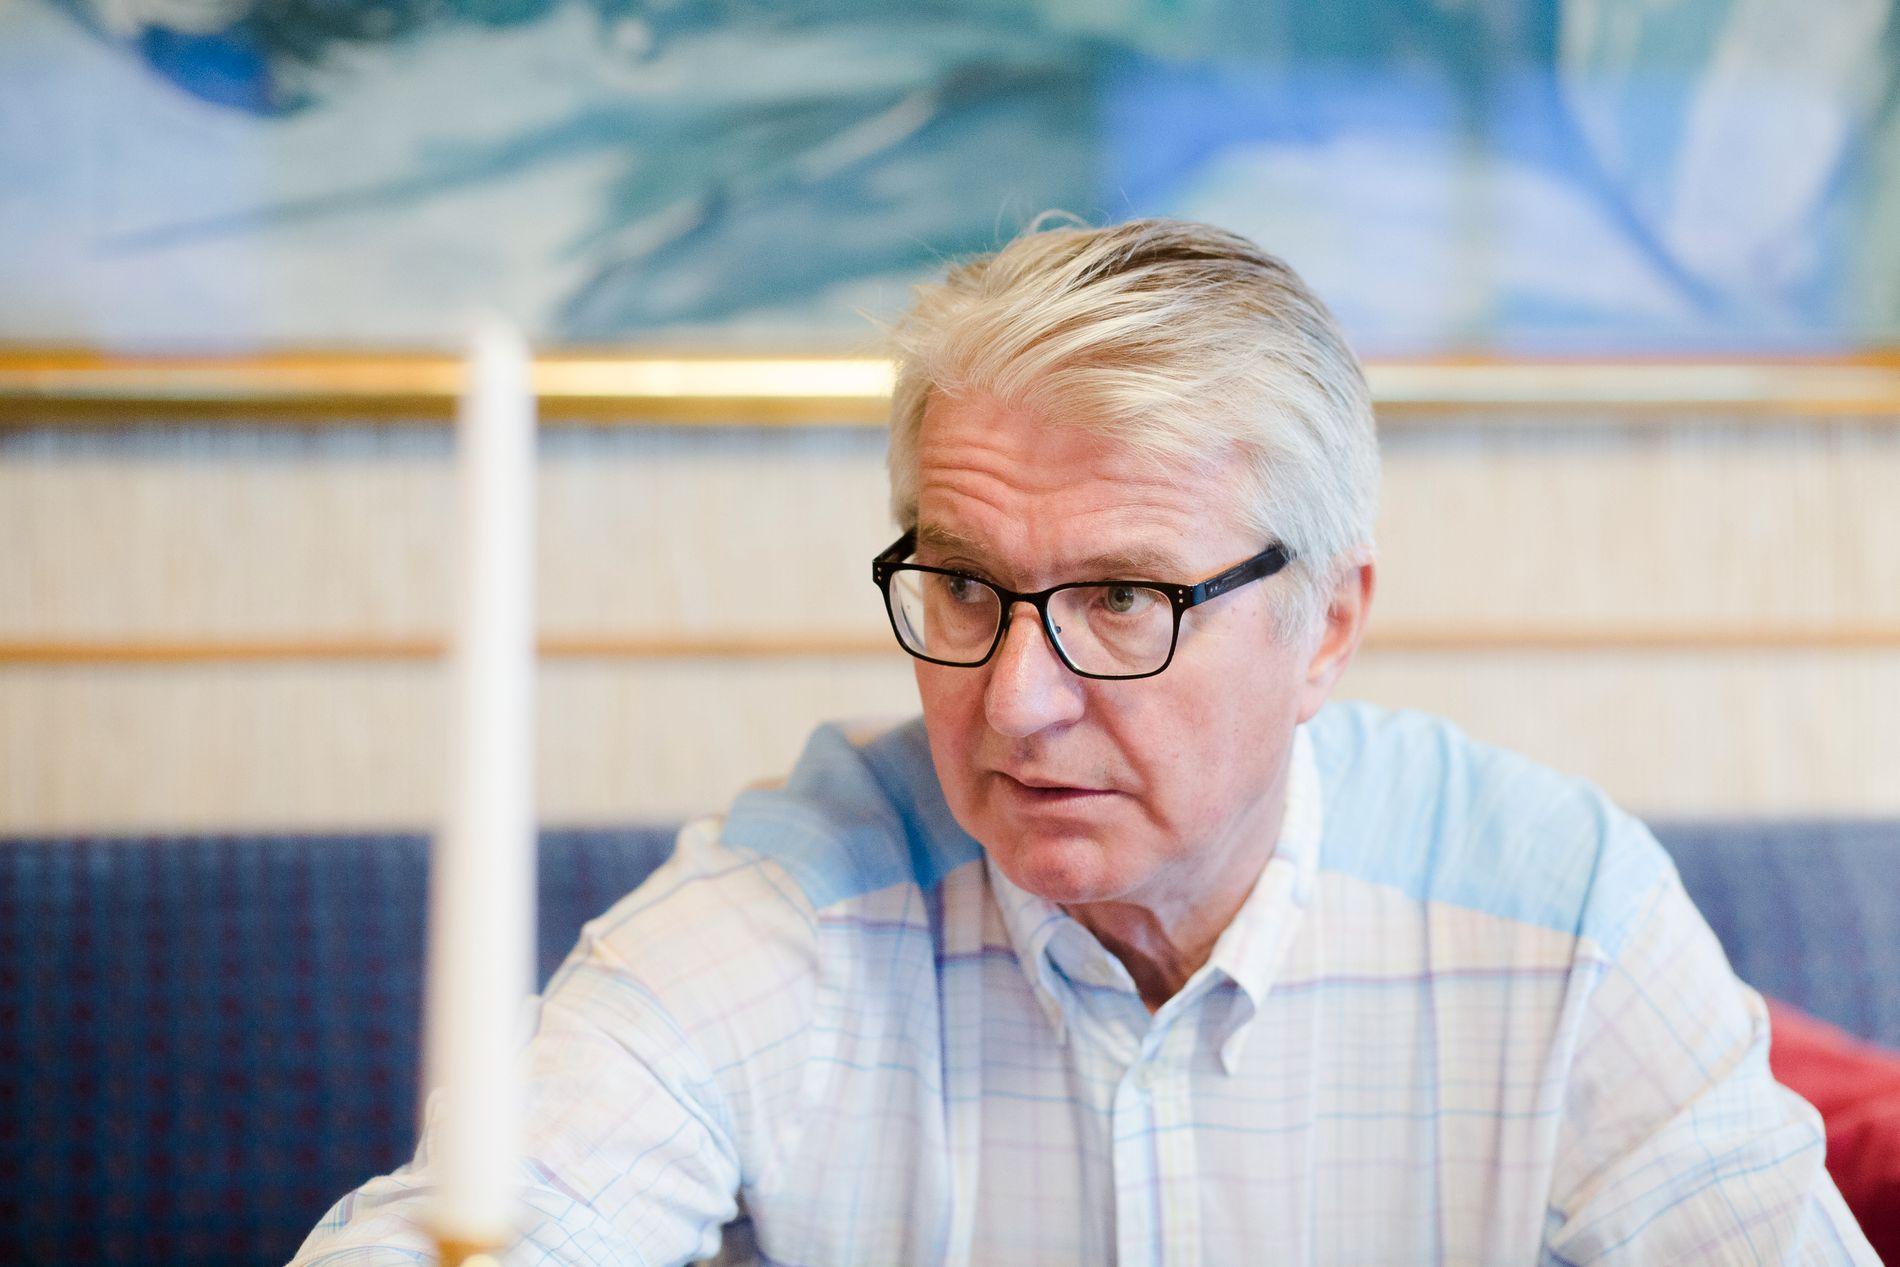 DAGEN ETTER: Dette bildet er tatt dagen etter kommunevalget i fjor høst, da det var klart at Høyre hadde tapt makten.